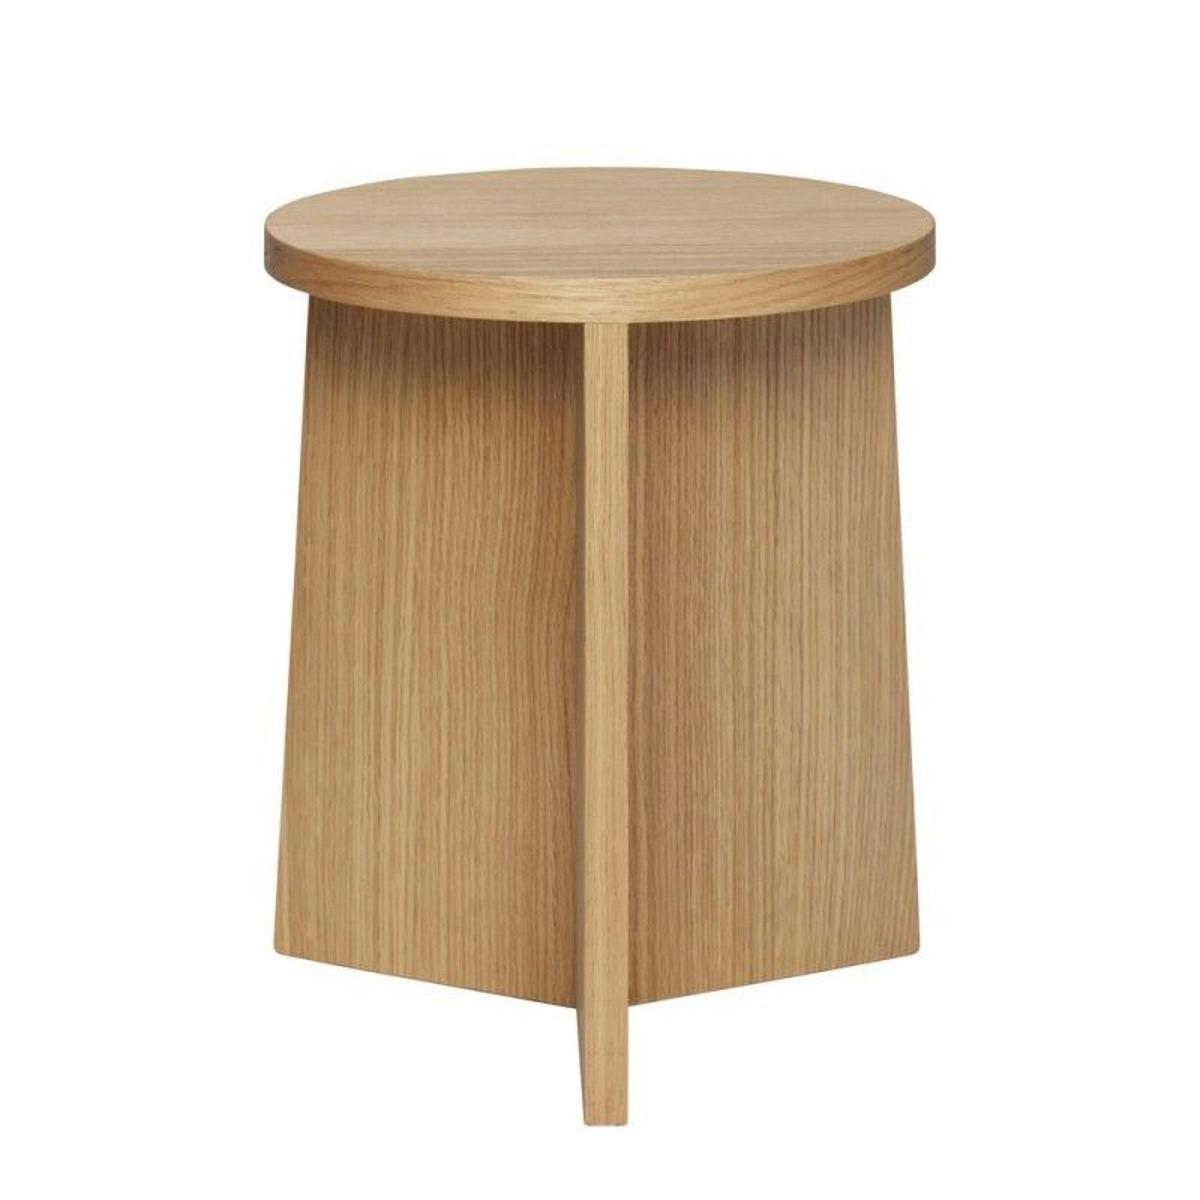 Tabouret design rond bois